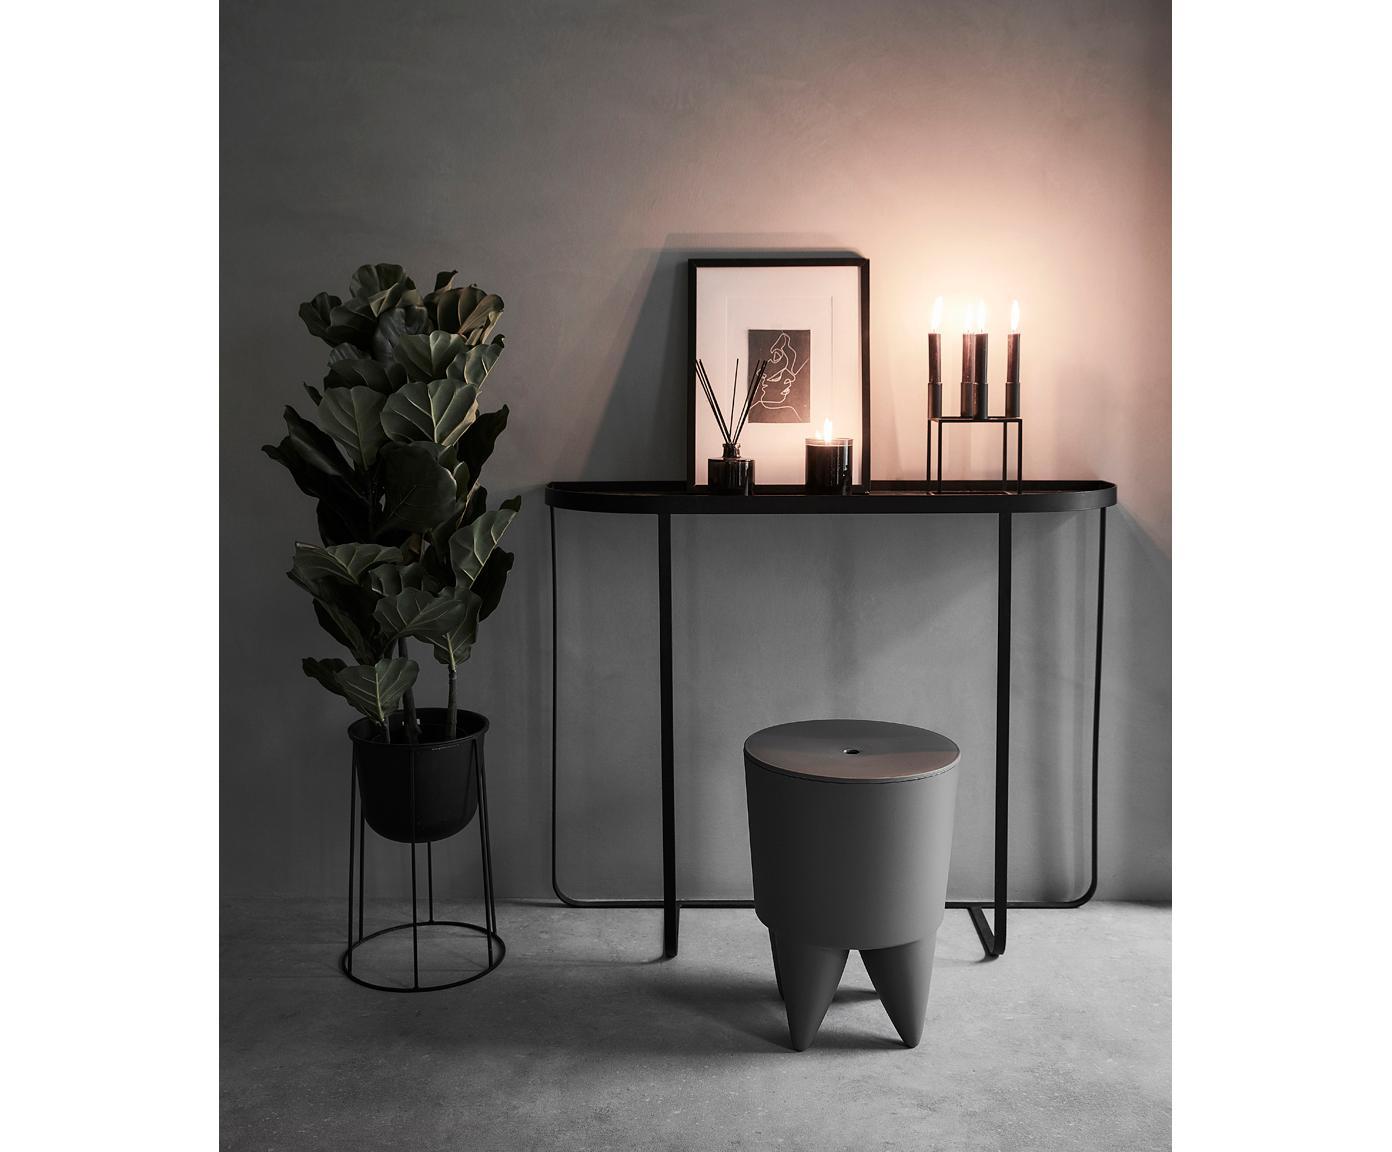 Donica Wire Pot, Stal malowana proszkowo, Czarny, Ø 23 x 17 cm